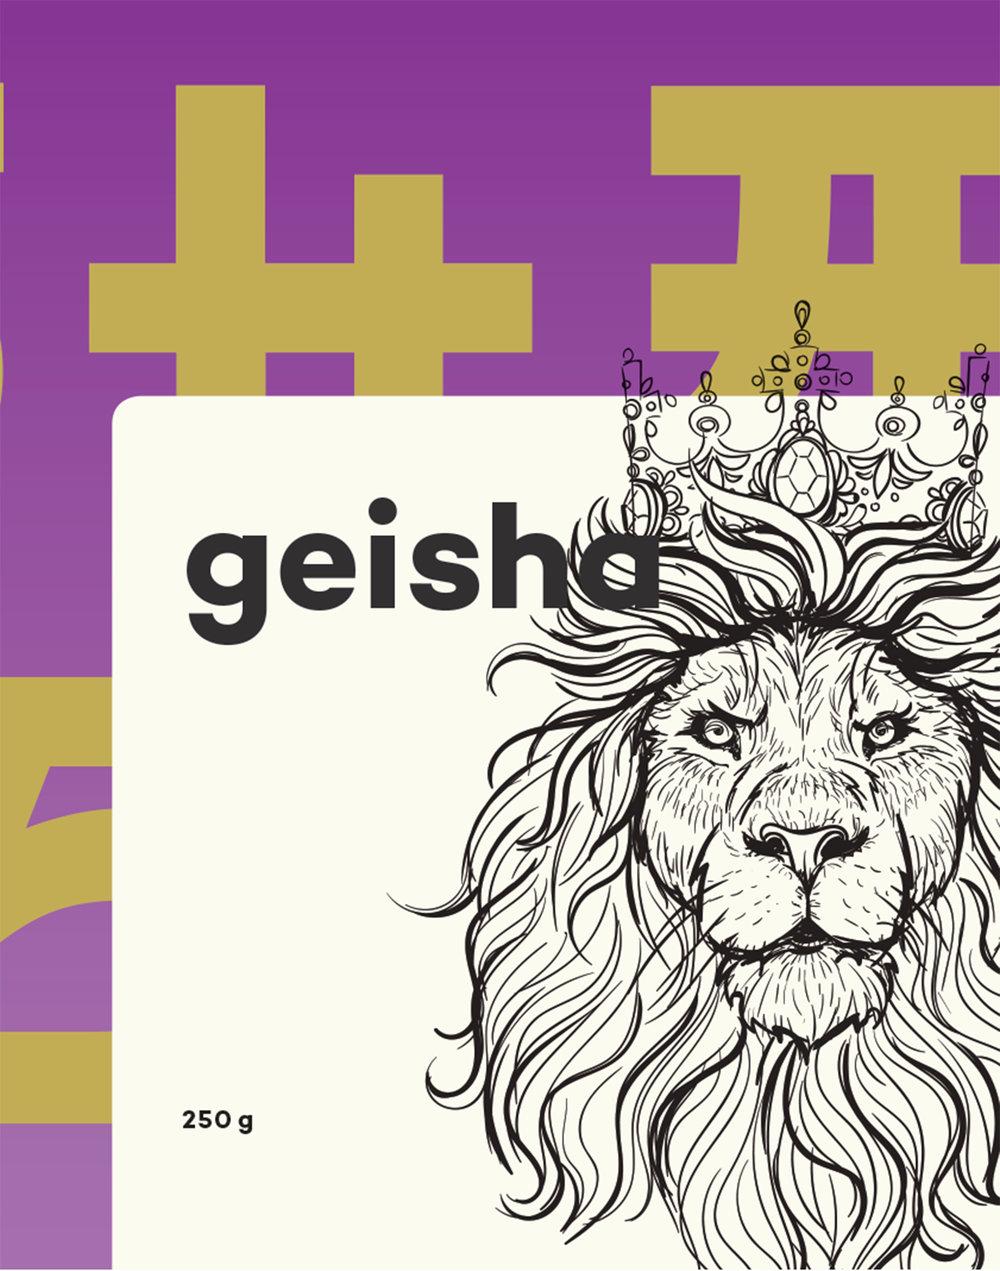 GEISHA-LABEL-MARCH.jpg